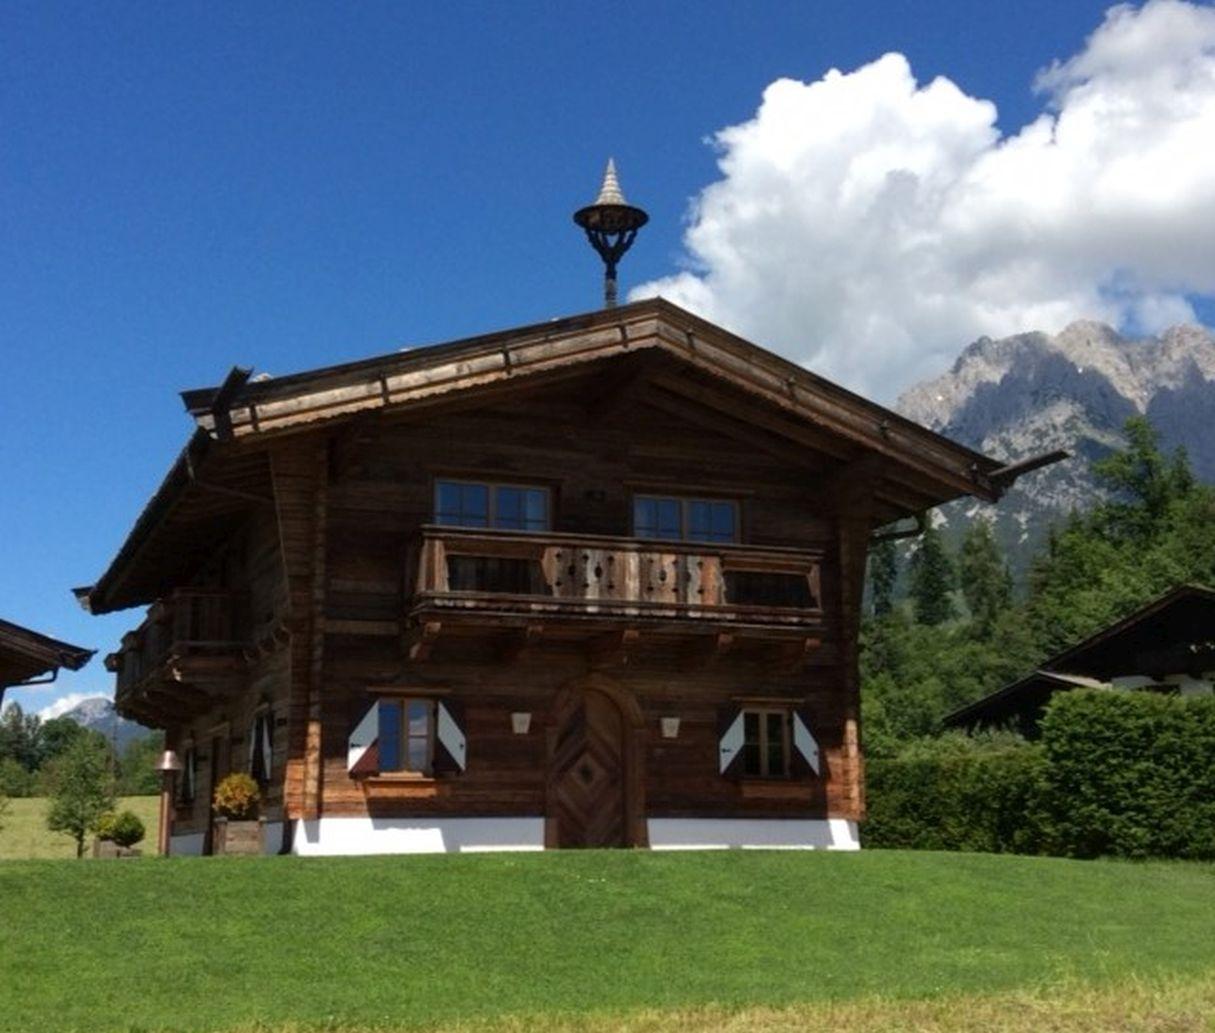 Tiroler Chalet in Going, dem Bergdoktordorf